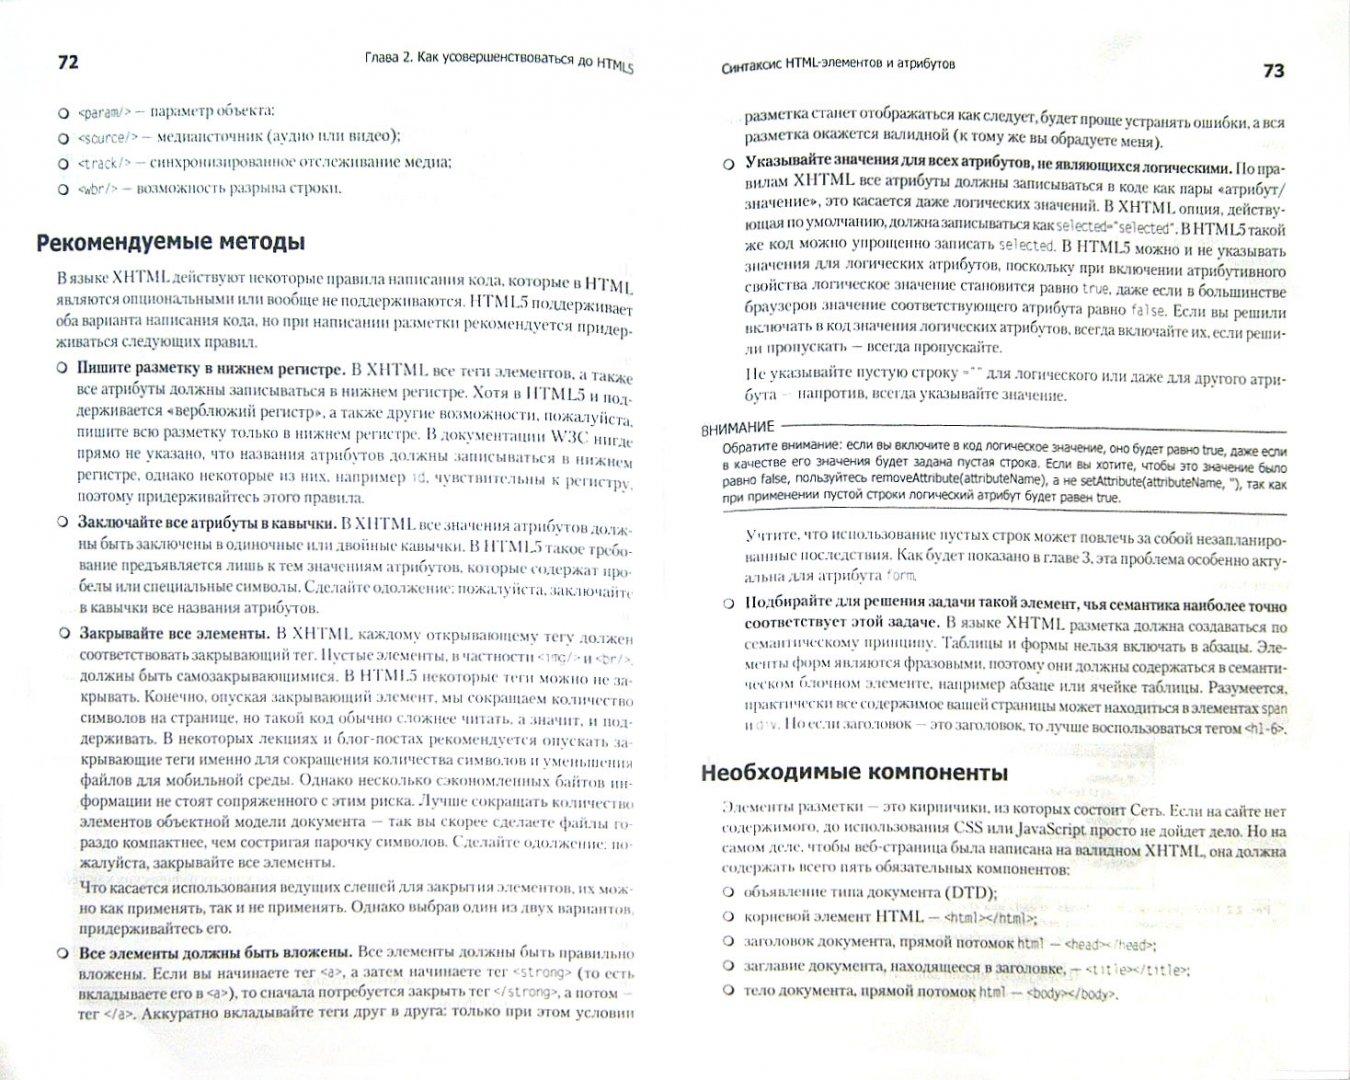 Иллюстрация 1 из 8 для HTML5. Разработка приложений для мобильных устройств - Эстель Вейл | Лабиринт - книги. Источник: Лабиринт